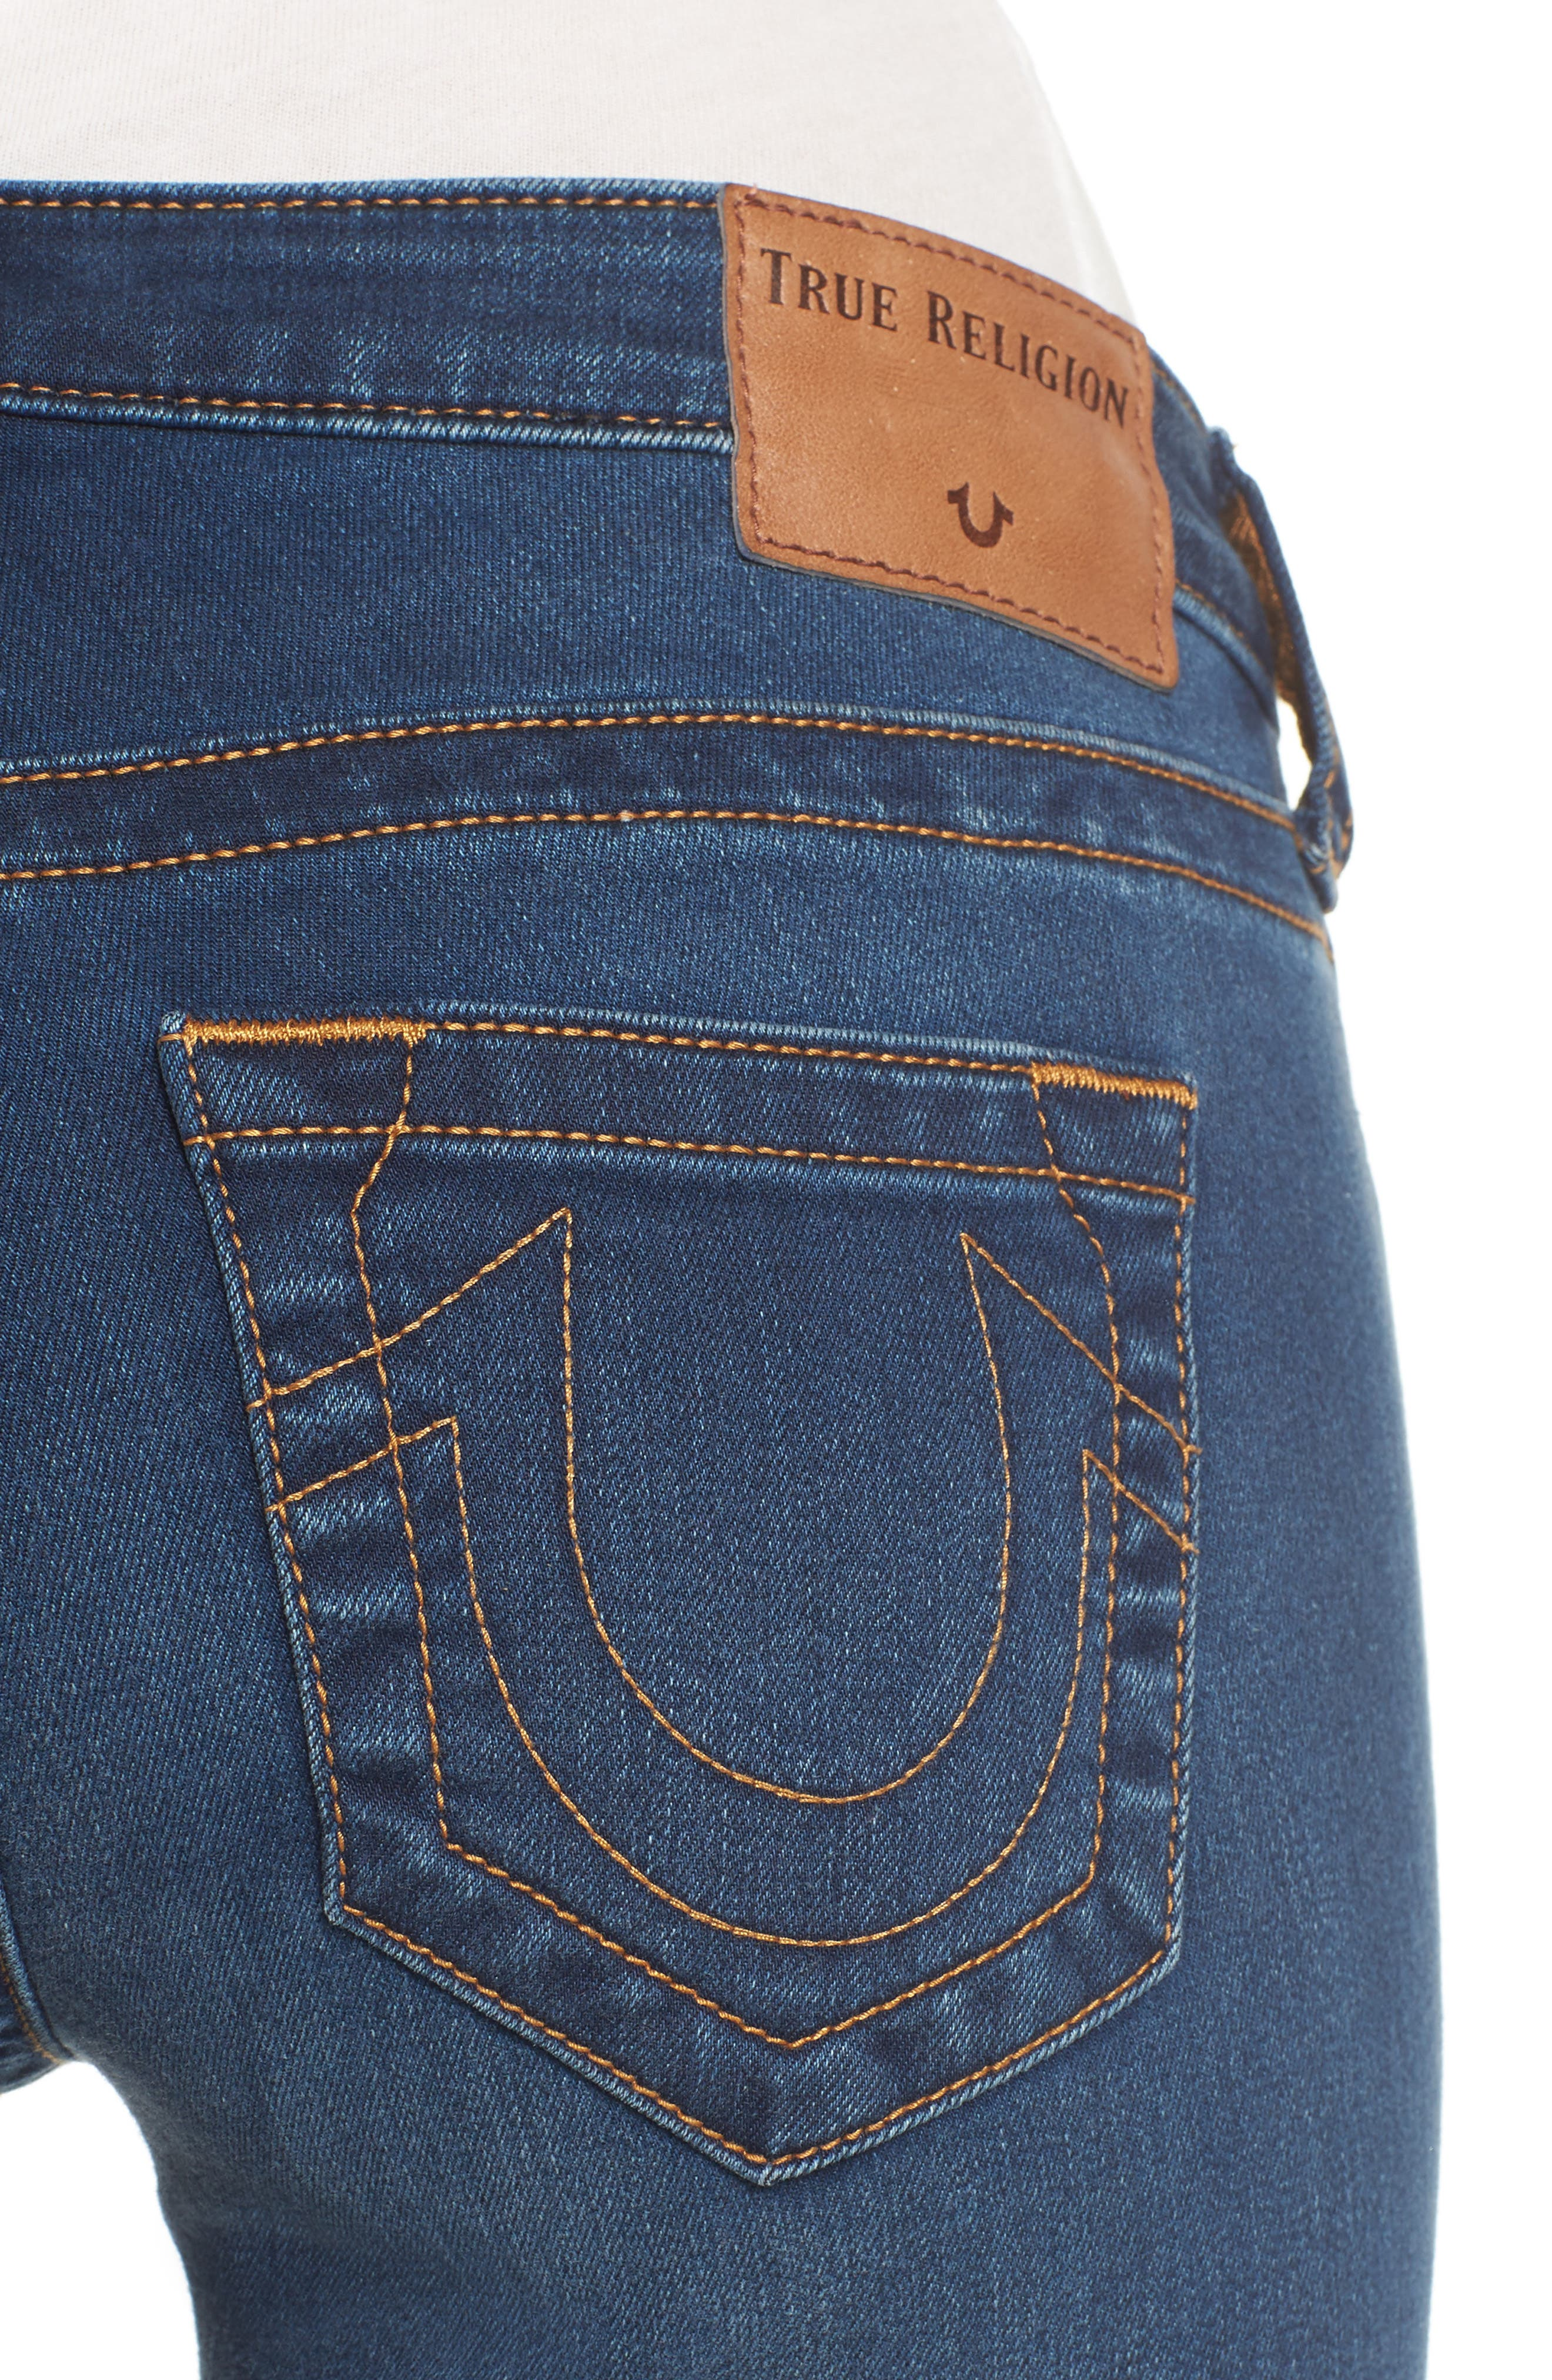 Billie Straight Leg Jeans,                             Alternate thumbnail 4, color,                             400